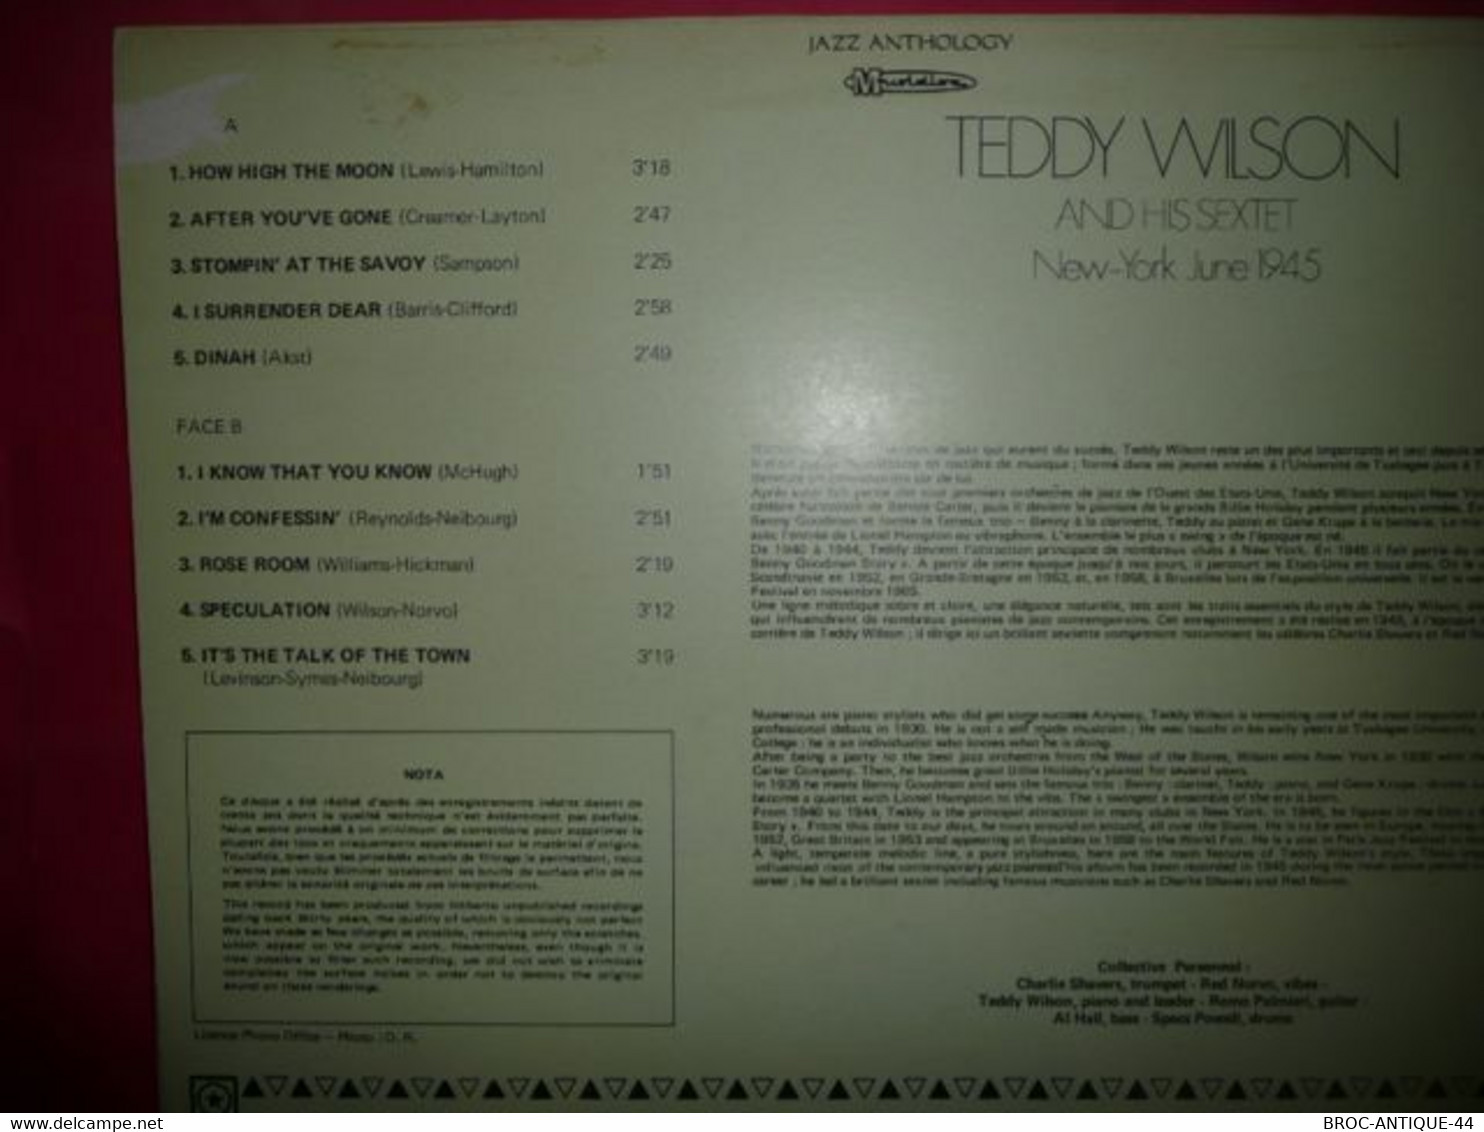 LP33 N°8105 - TEDDY WILSON SEXTET - 30 JA 5191 - Jazz